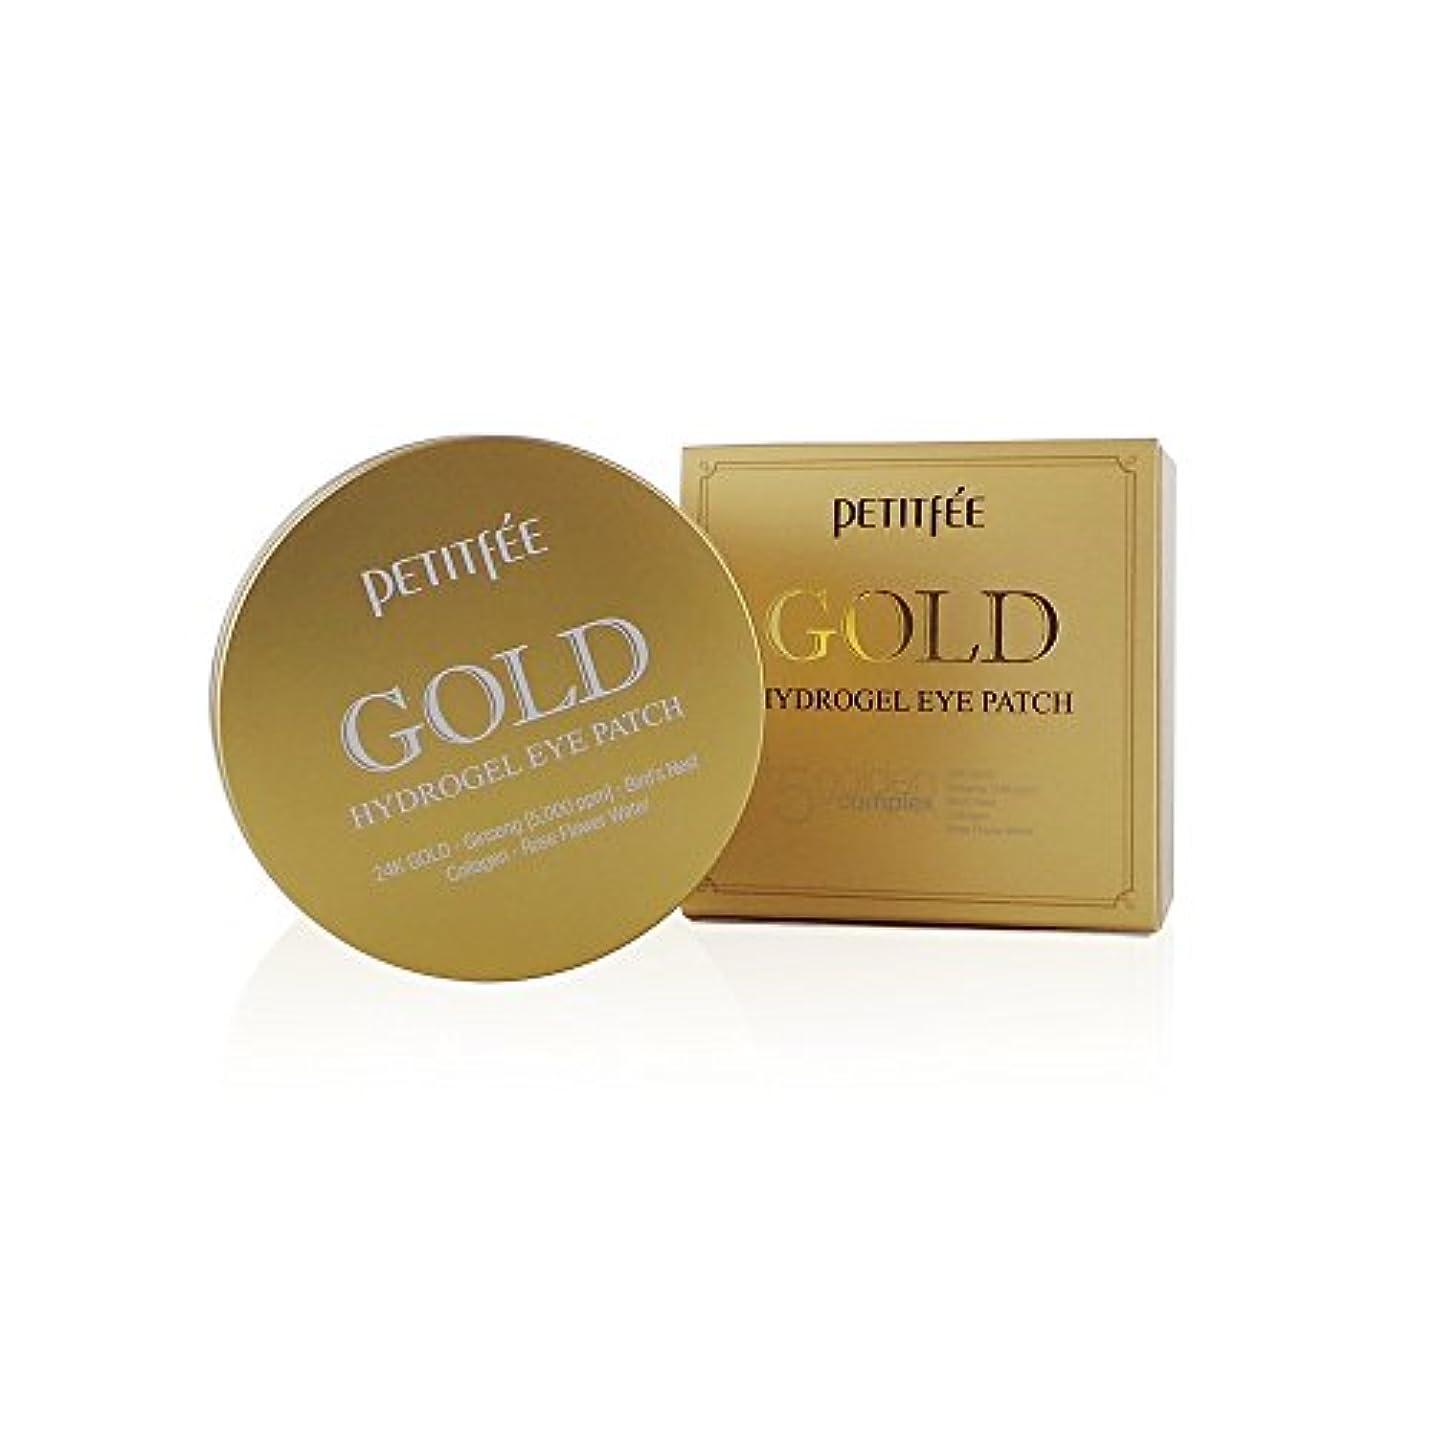 ディスコ避けられない下向き(6 Pack) PETITFEE Gold Hydrogel Eye Patch (並行輸入品)